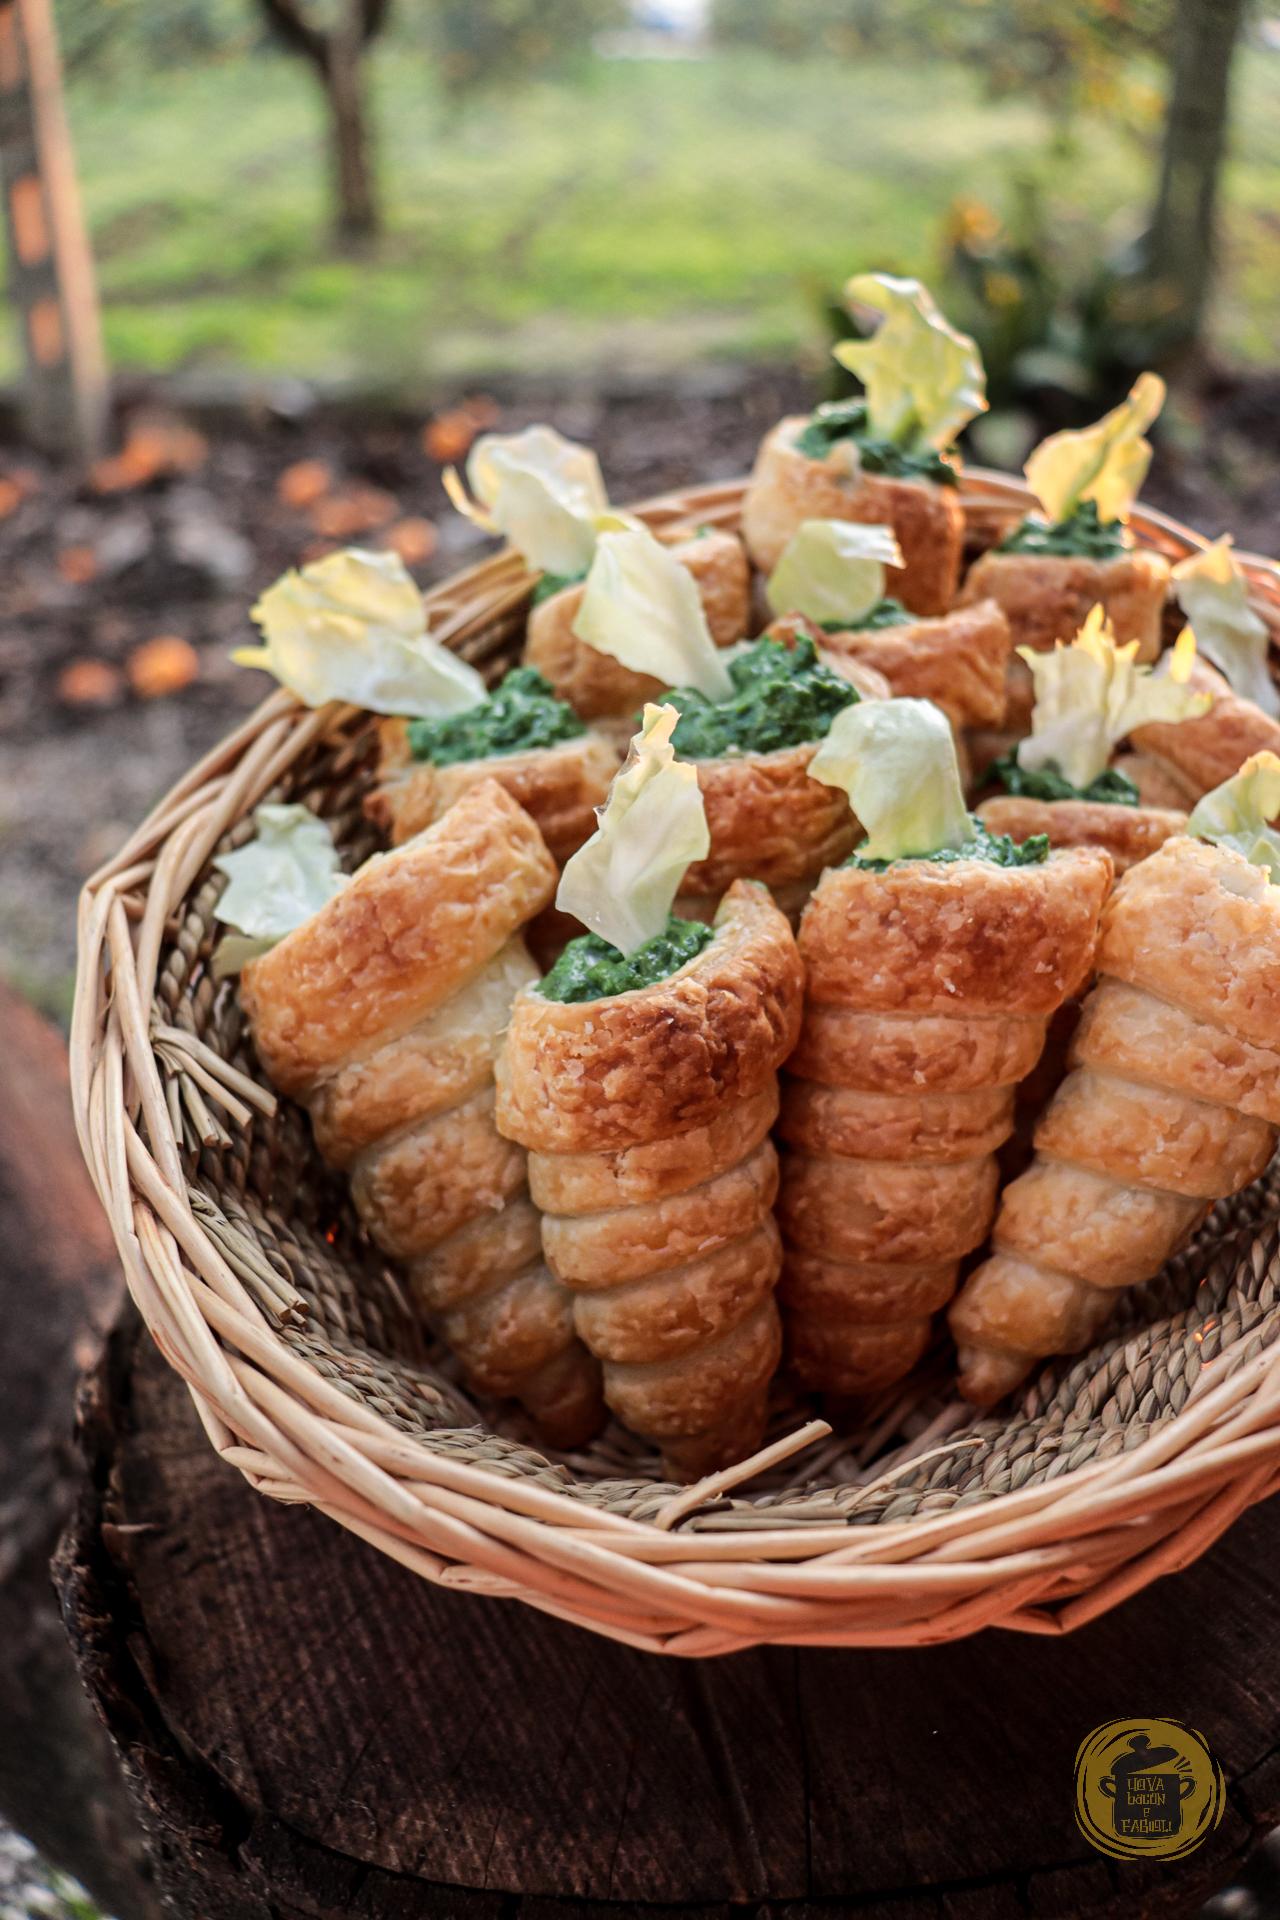 Uova,bacon e fagioli - Carotine di sfoglia - All rights reserved